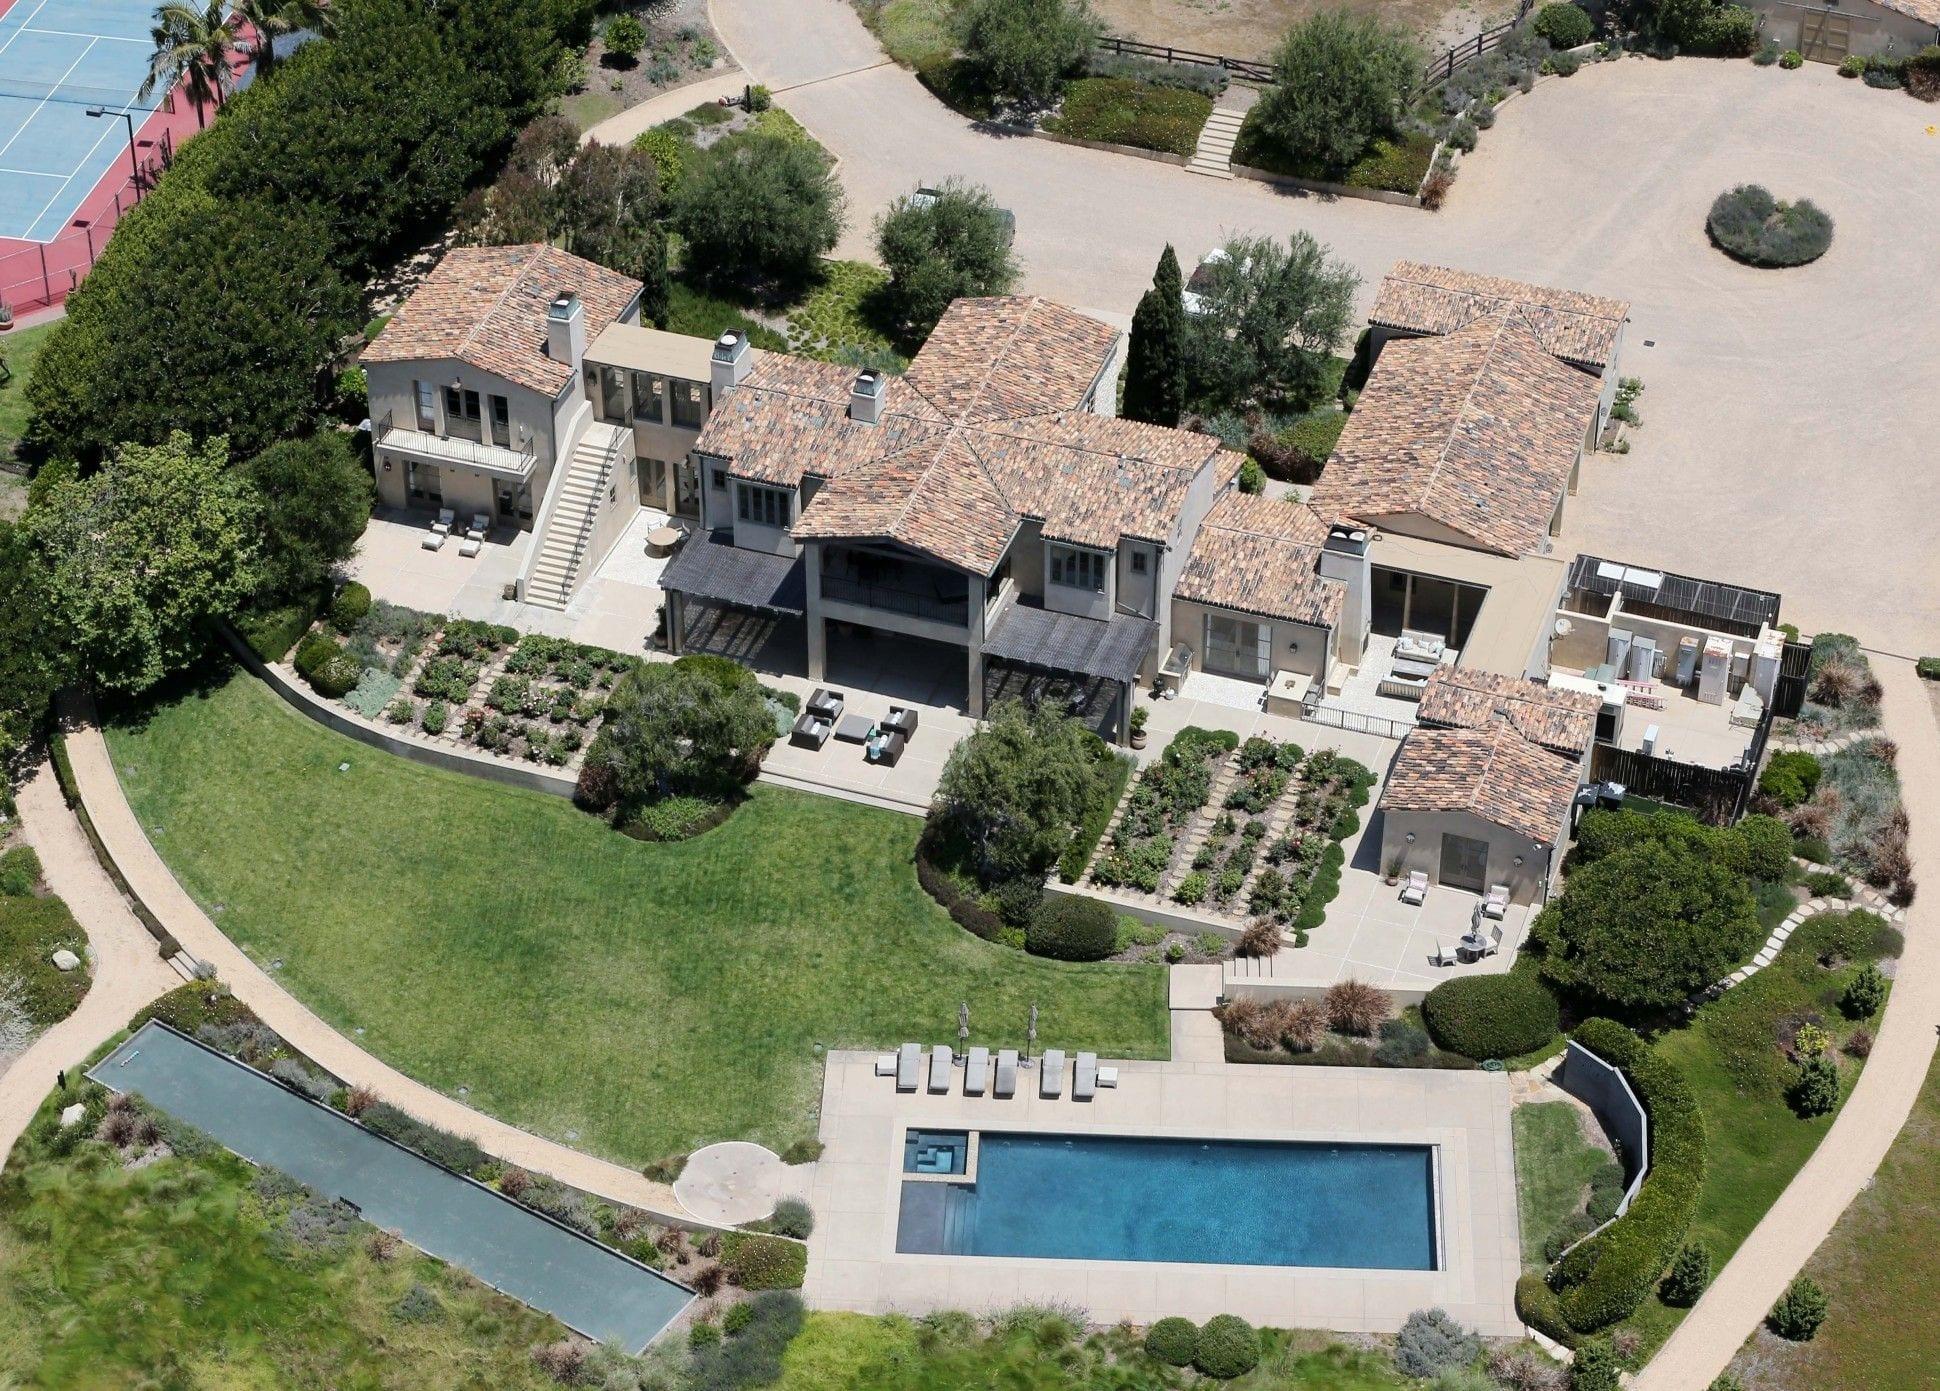 Lady gaga house - Cele mai scumpe proprietăţi imobiliare ale celebrităţilor de la Hollywood